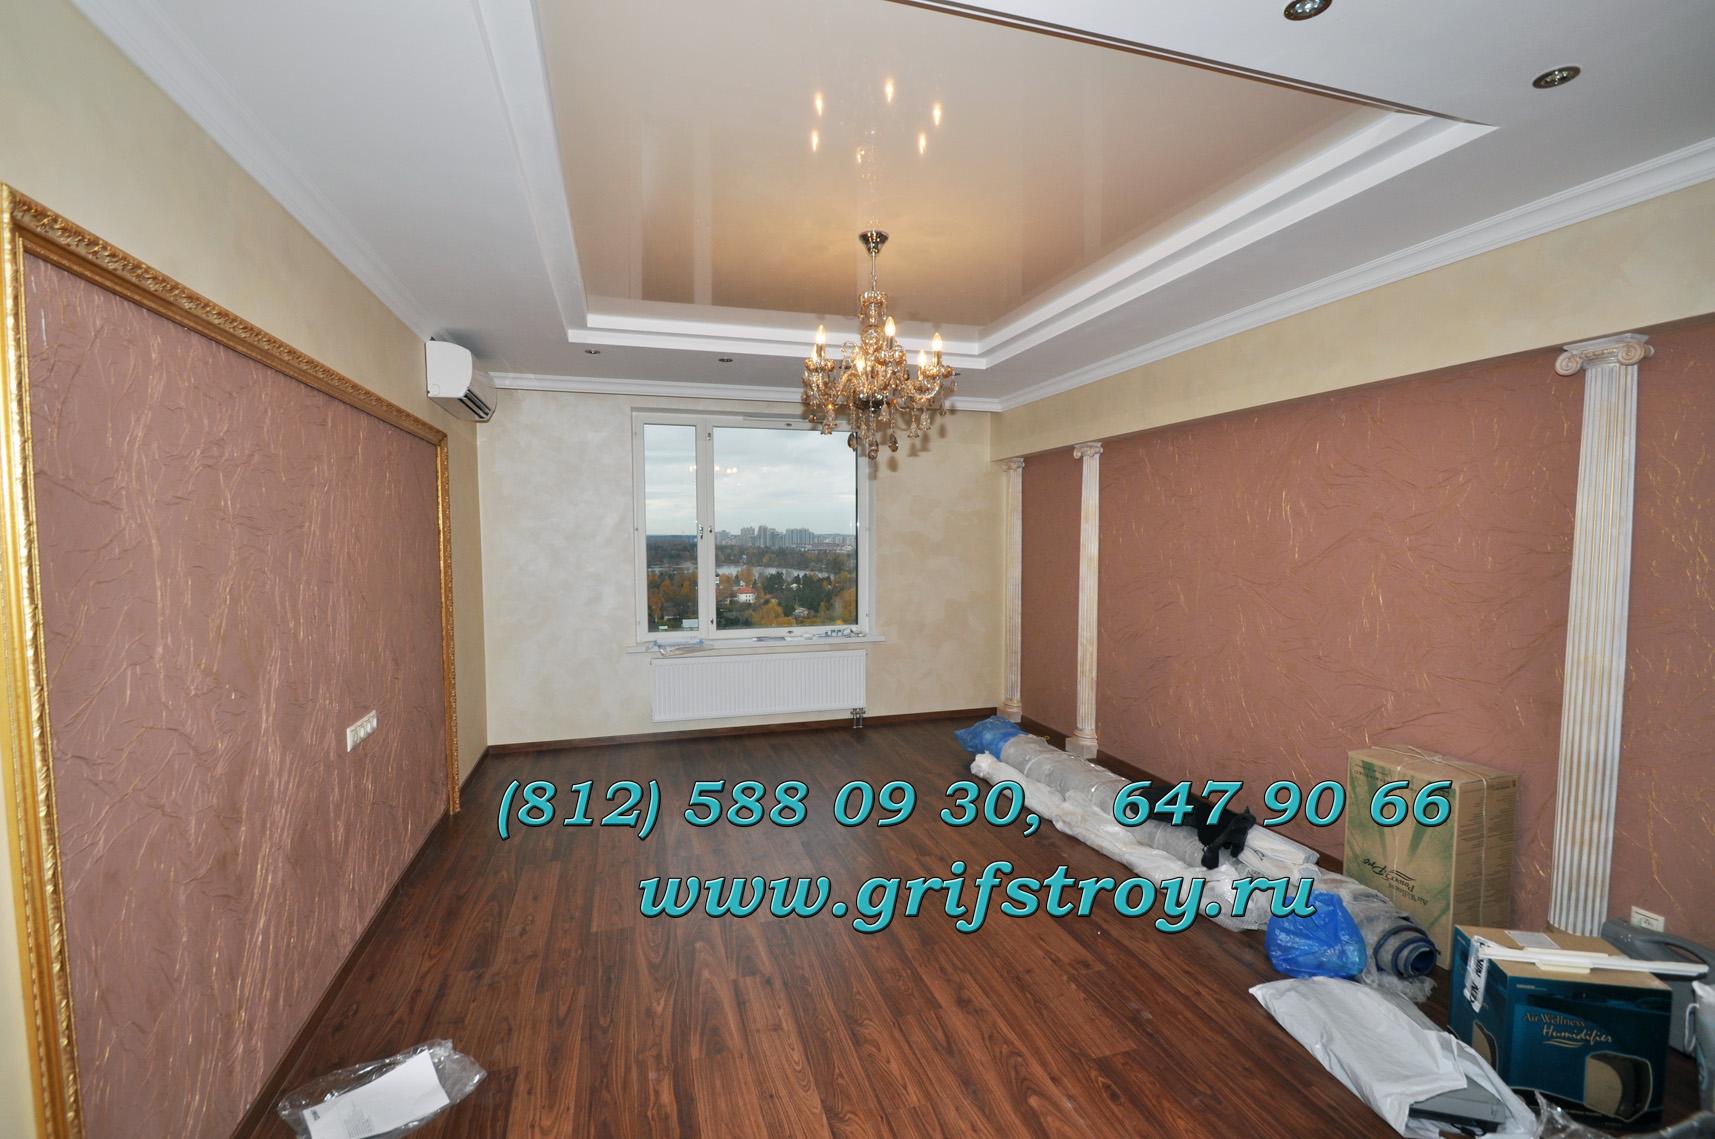 Отделка потолка в новой квартире 183